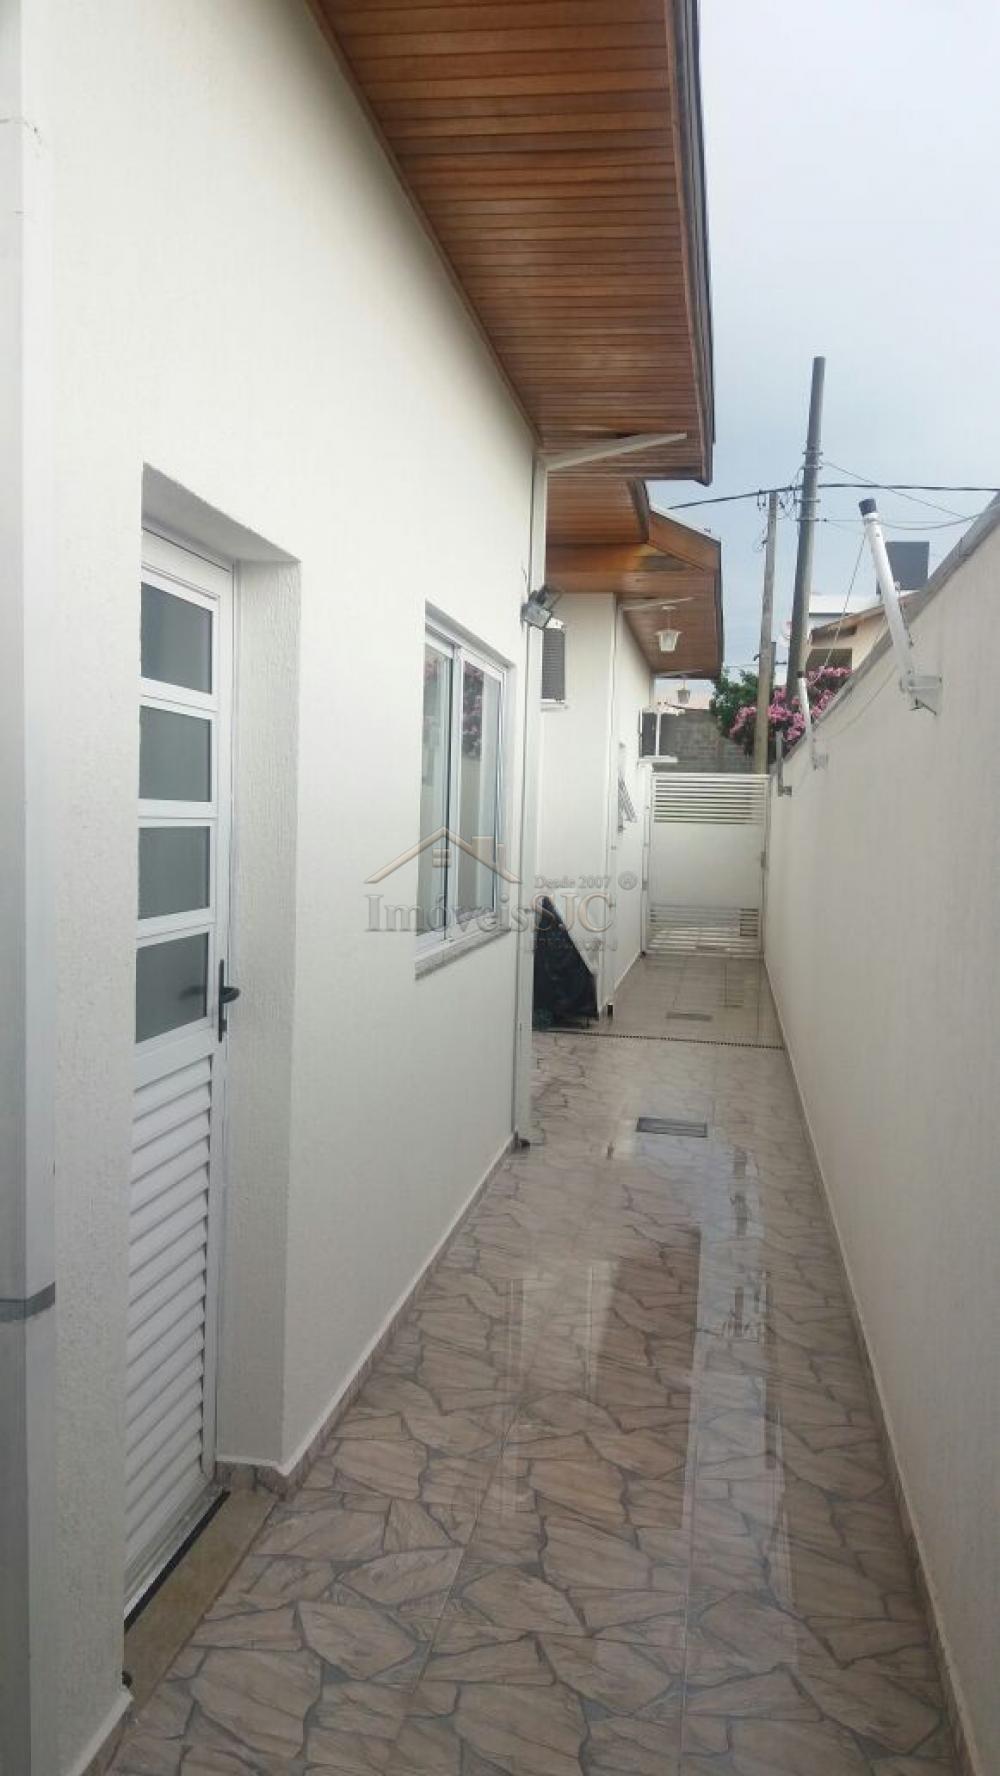 Comprar Casas / Condomínio em Caçapava apenas R$ 585.000,00 - Foto 14